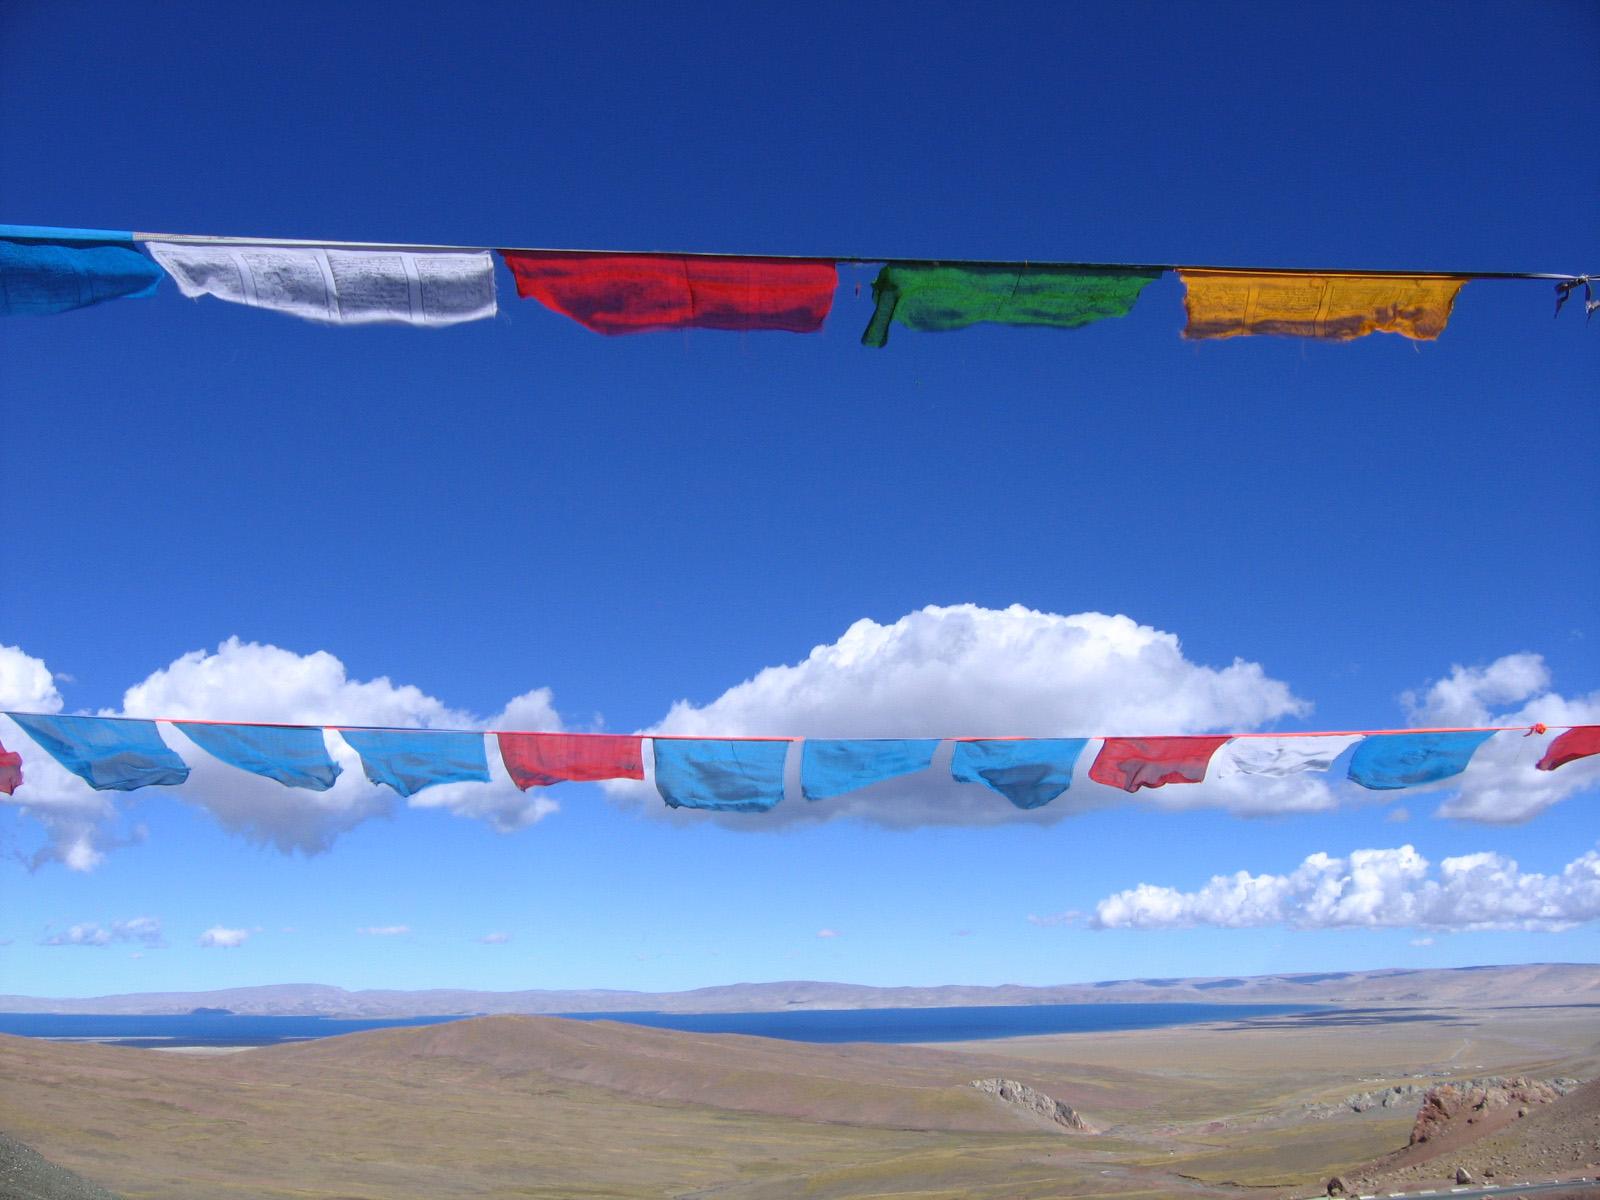 7 days in Tibet, visit Lake Namtso and stop at Laken Pass